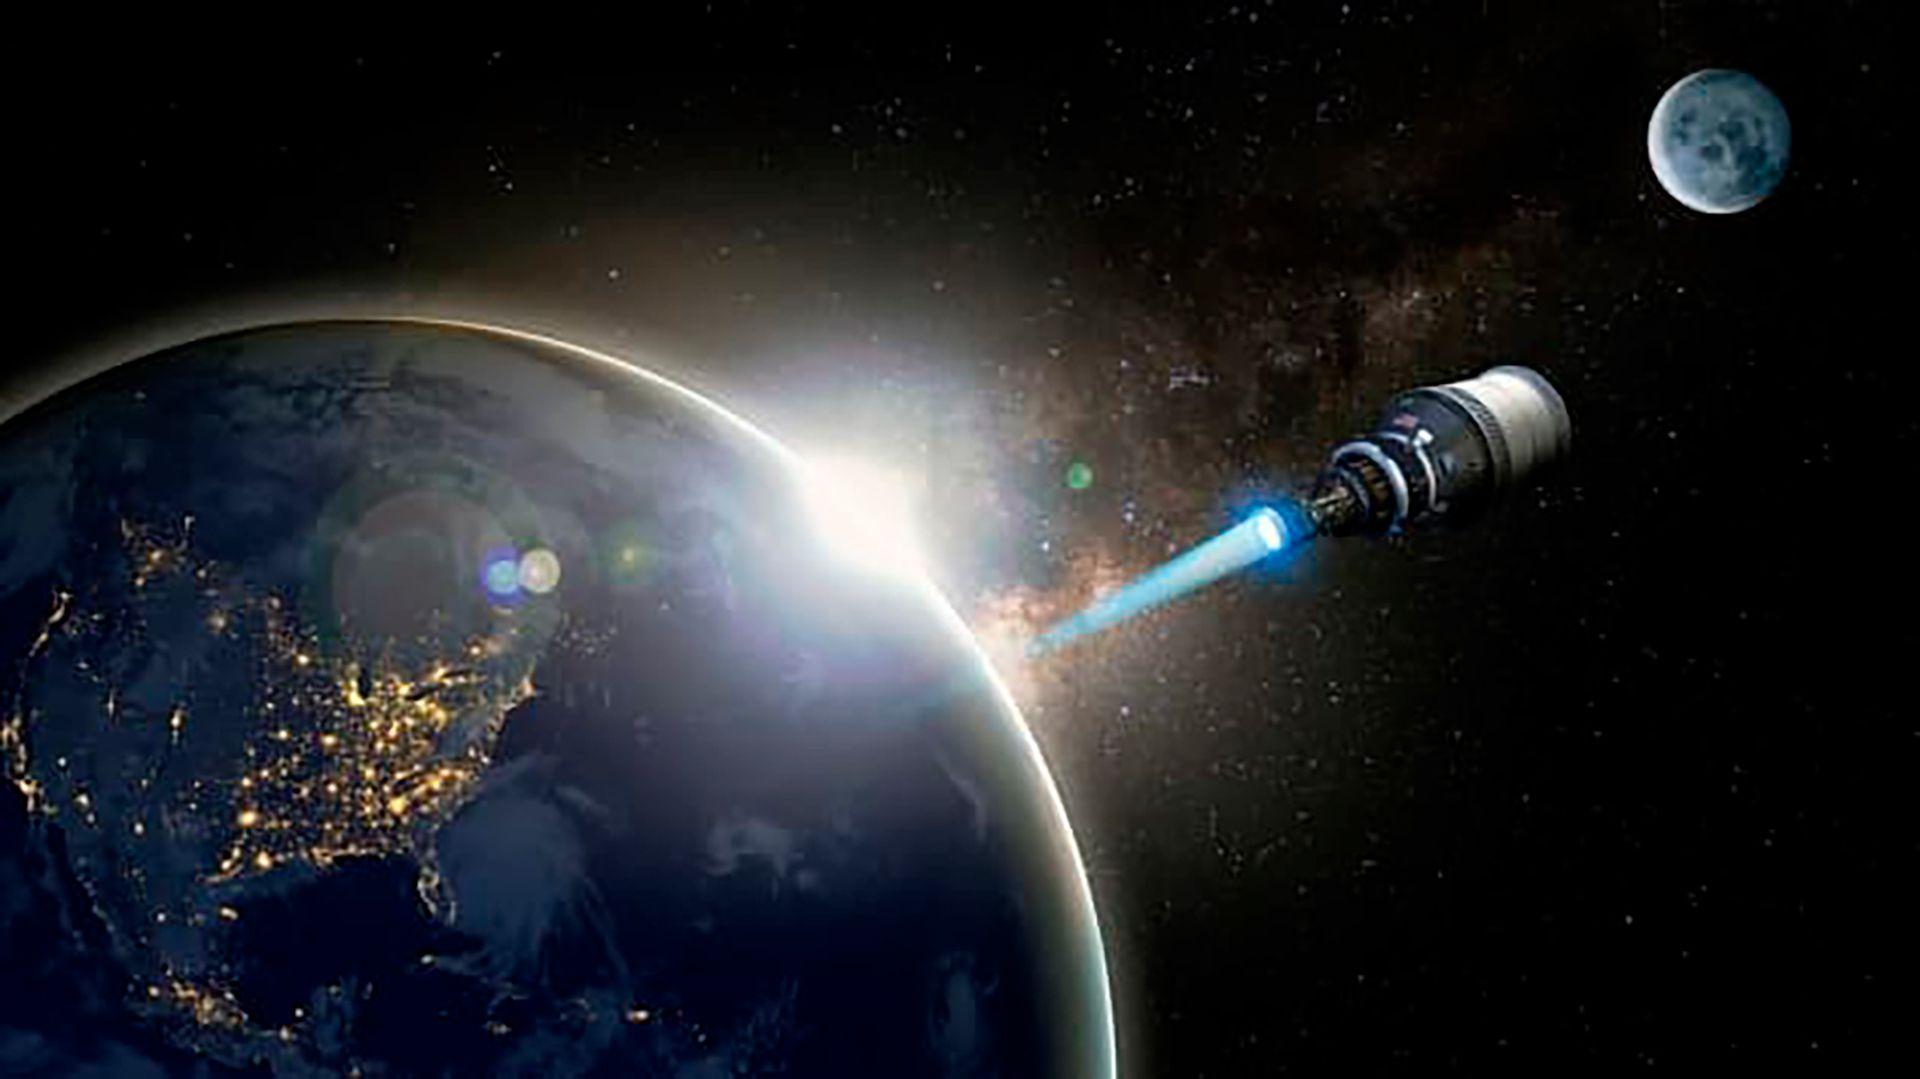 El CEO de Amazon, Jeff Bezos, quiere llegar más rápido a la Luna